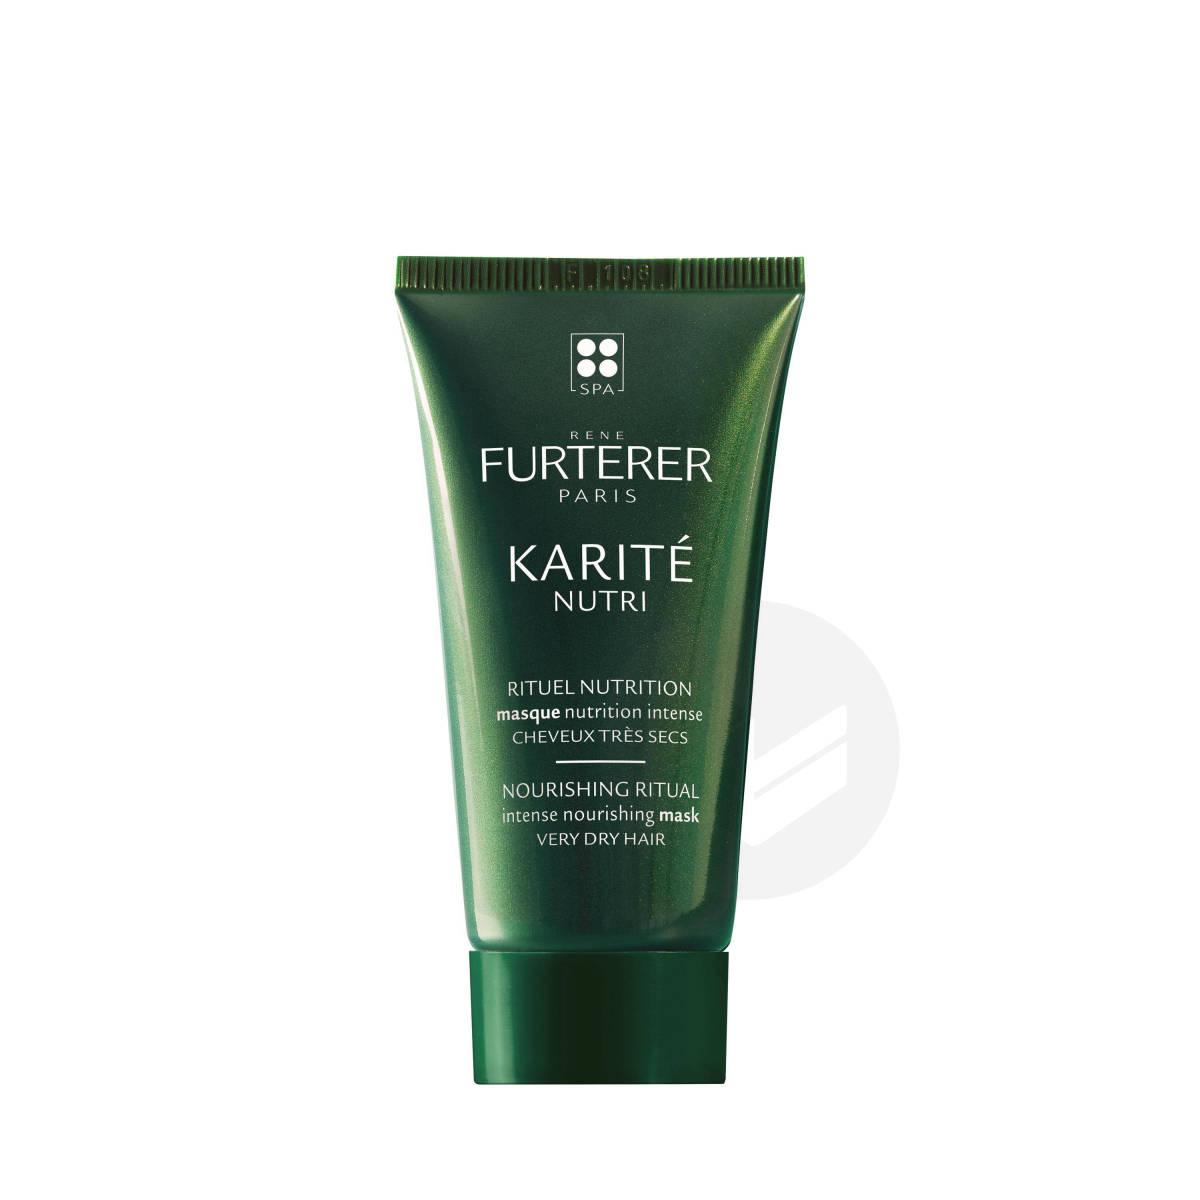 Masque nutrition intense d'exception au beurre de karité 30ml